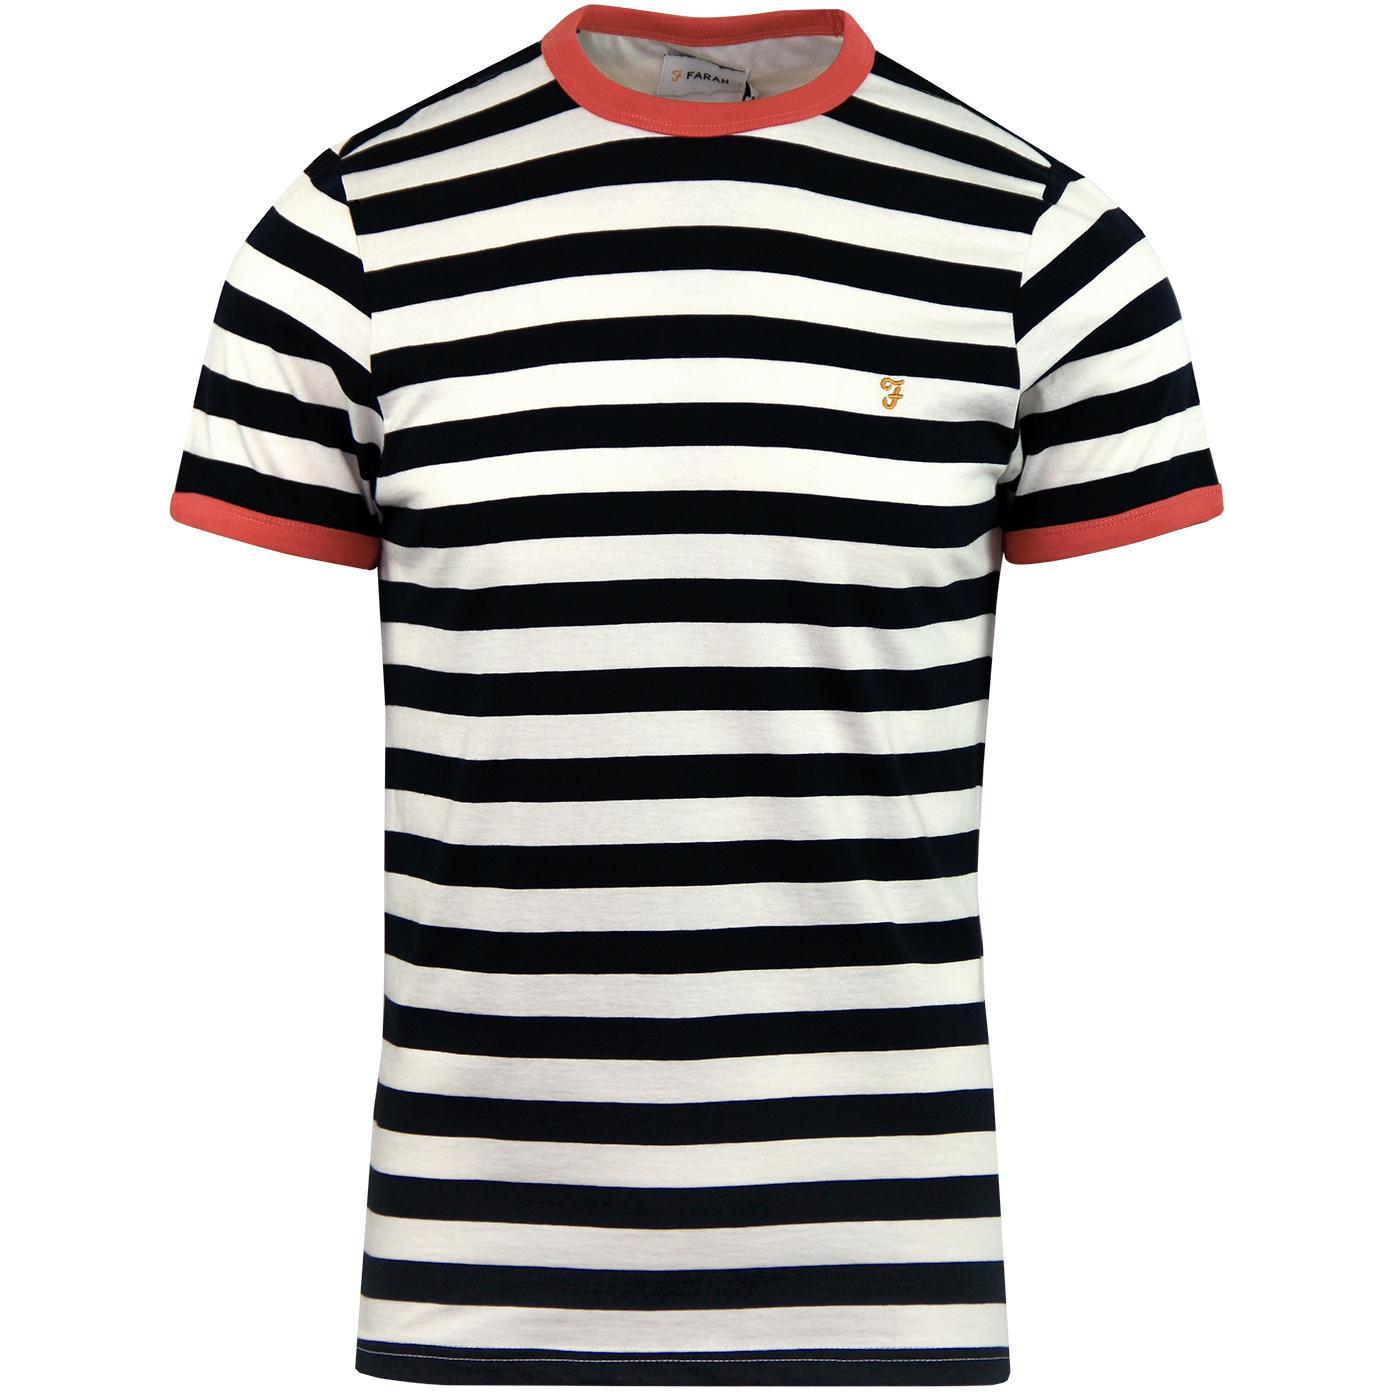 Belgrove FARAH Mens Retro Mod Striped T-Shirt (RC)